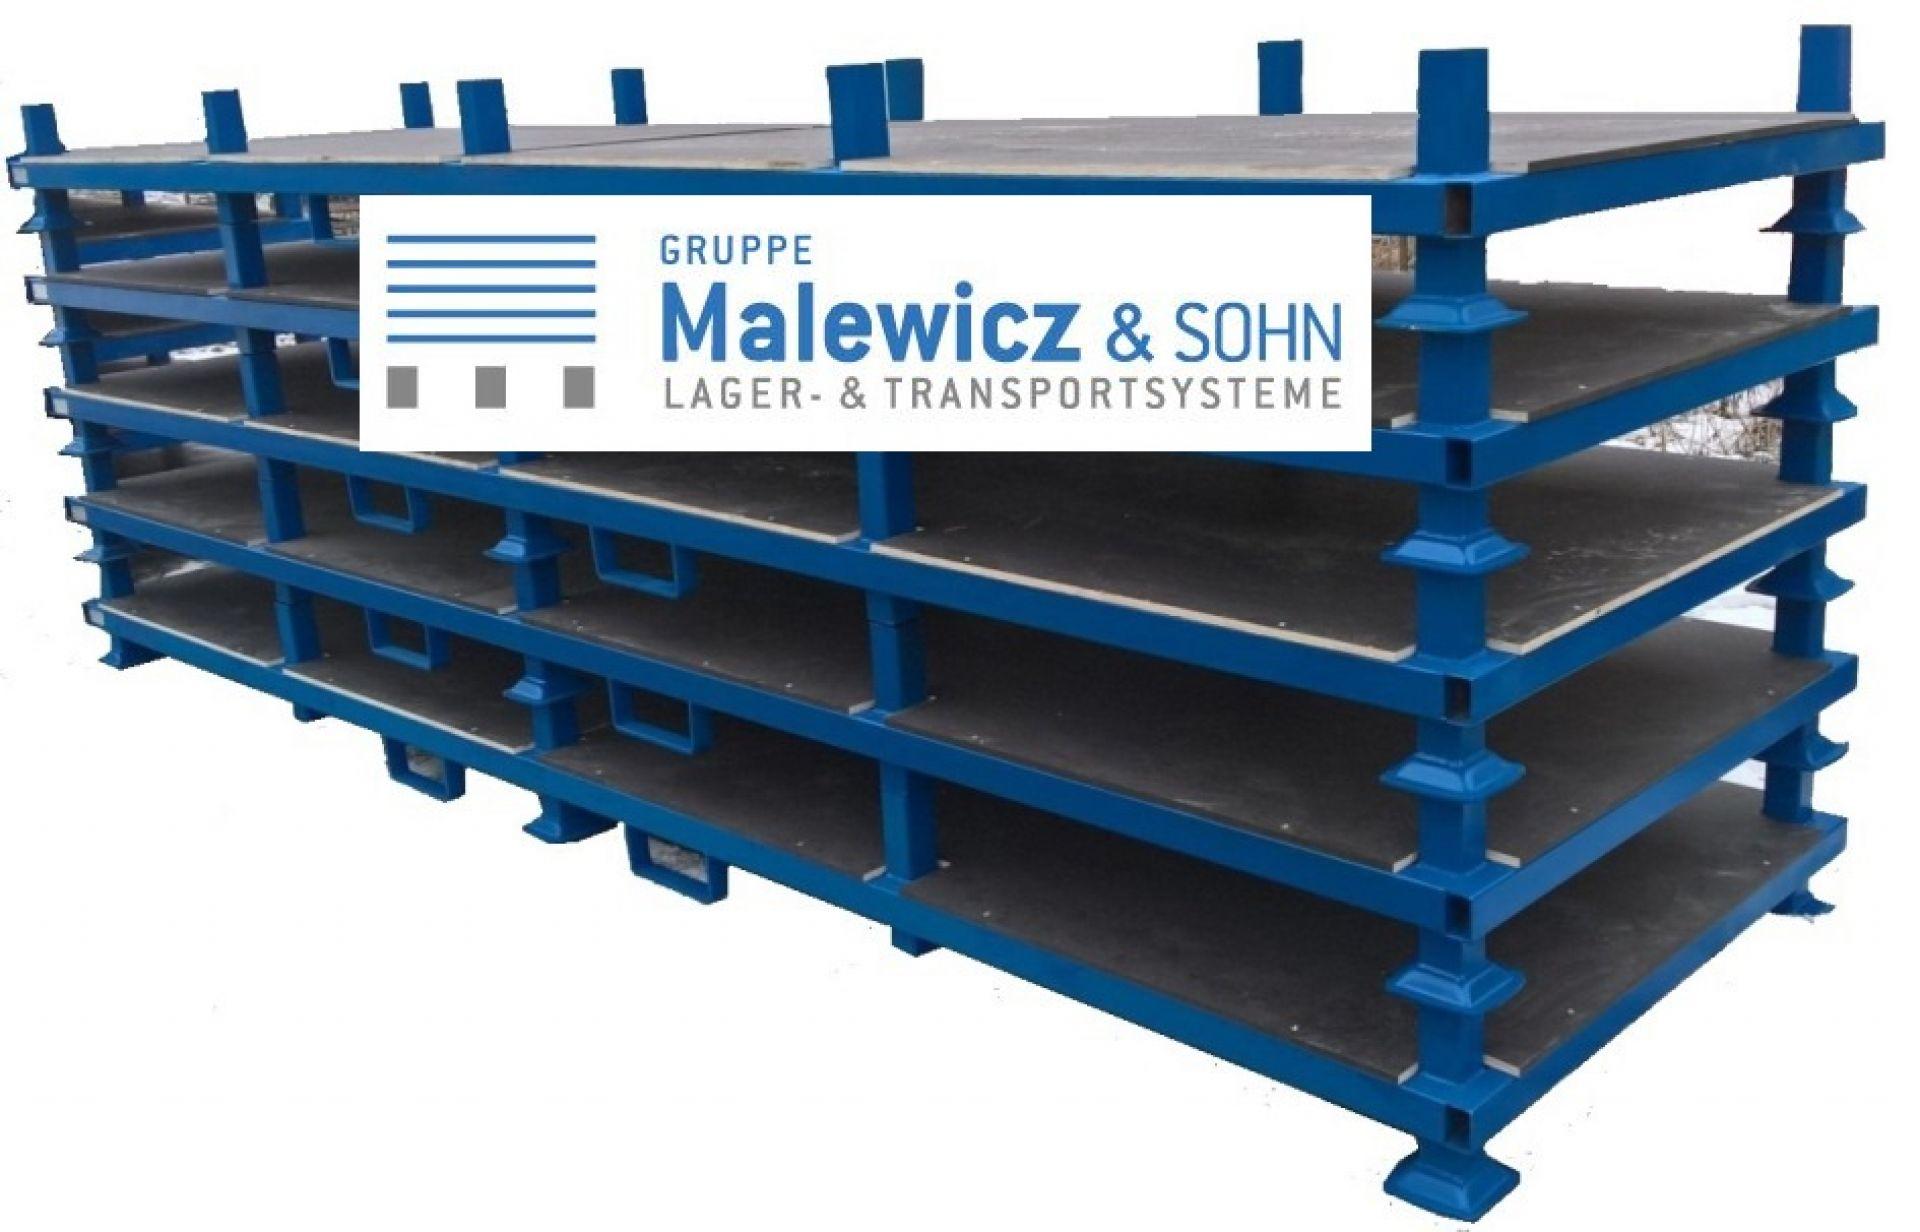 Langgutgestelle mit Siebdruckplatte